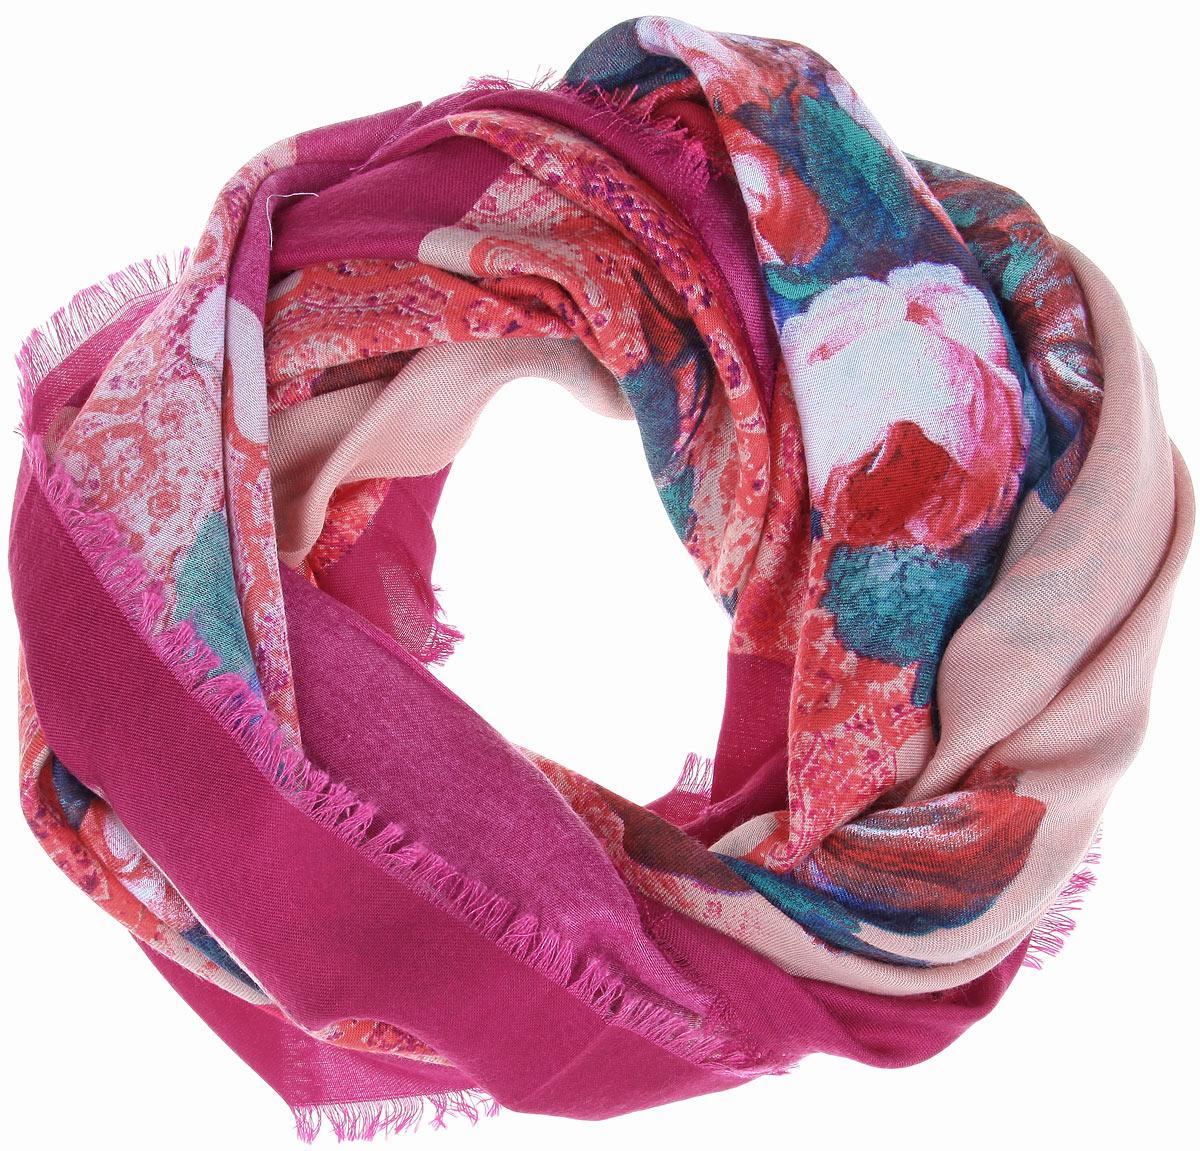 Платок женский Sophie Ramage, цвет: темно-розовый, розовый, зеленый. BH-11524-9. Размер 90 см х 90 смBH-11524-9Платок Sophie Ramage, выполненный из модала с добавлением кашемира, идеально дополнит образ современной женщины. Благодаря своему составу, он удивительно мягкий и очень приятный на ощупь. Модель оформлена ярким цветочным принтом, а по краям декорирована короткой бахромой. Классическая квадратная форма позволяет носить платок на шее, украшать им прическу или декорировать сумочку. С этим платком вы всегда будете выглядеть стильно, ярко и привлекательно.